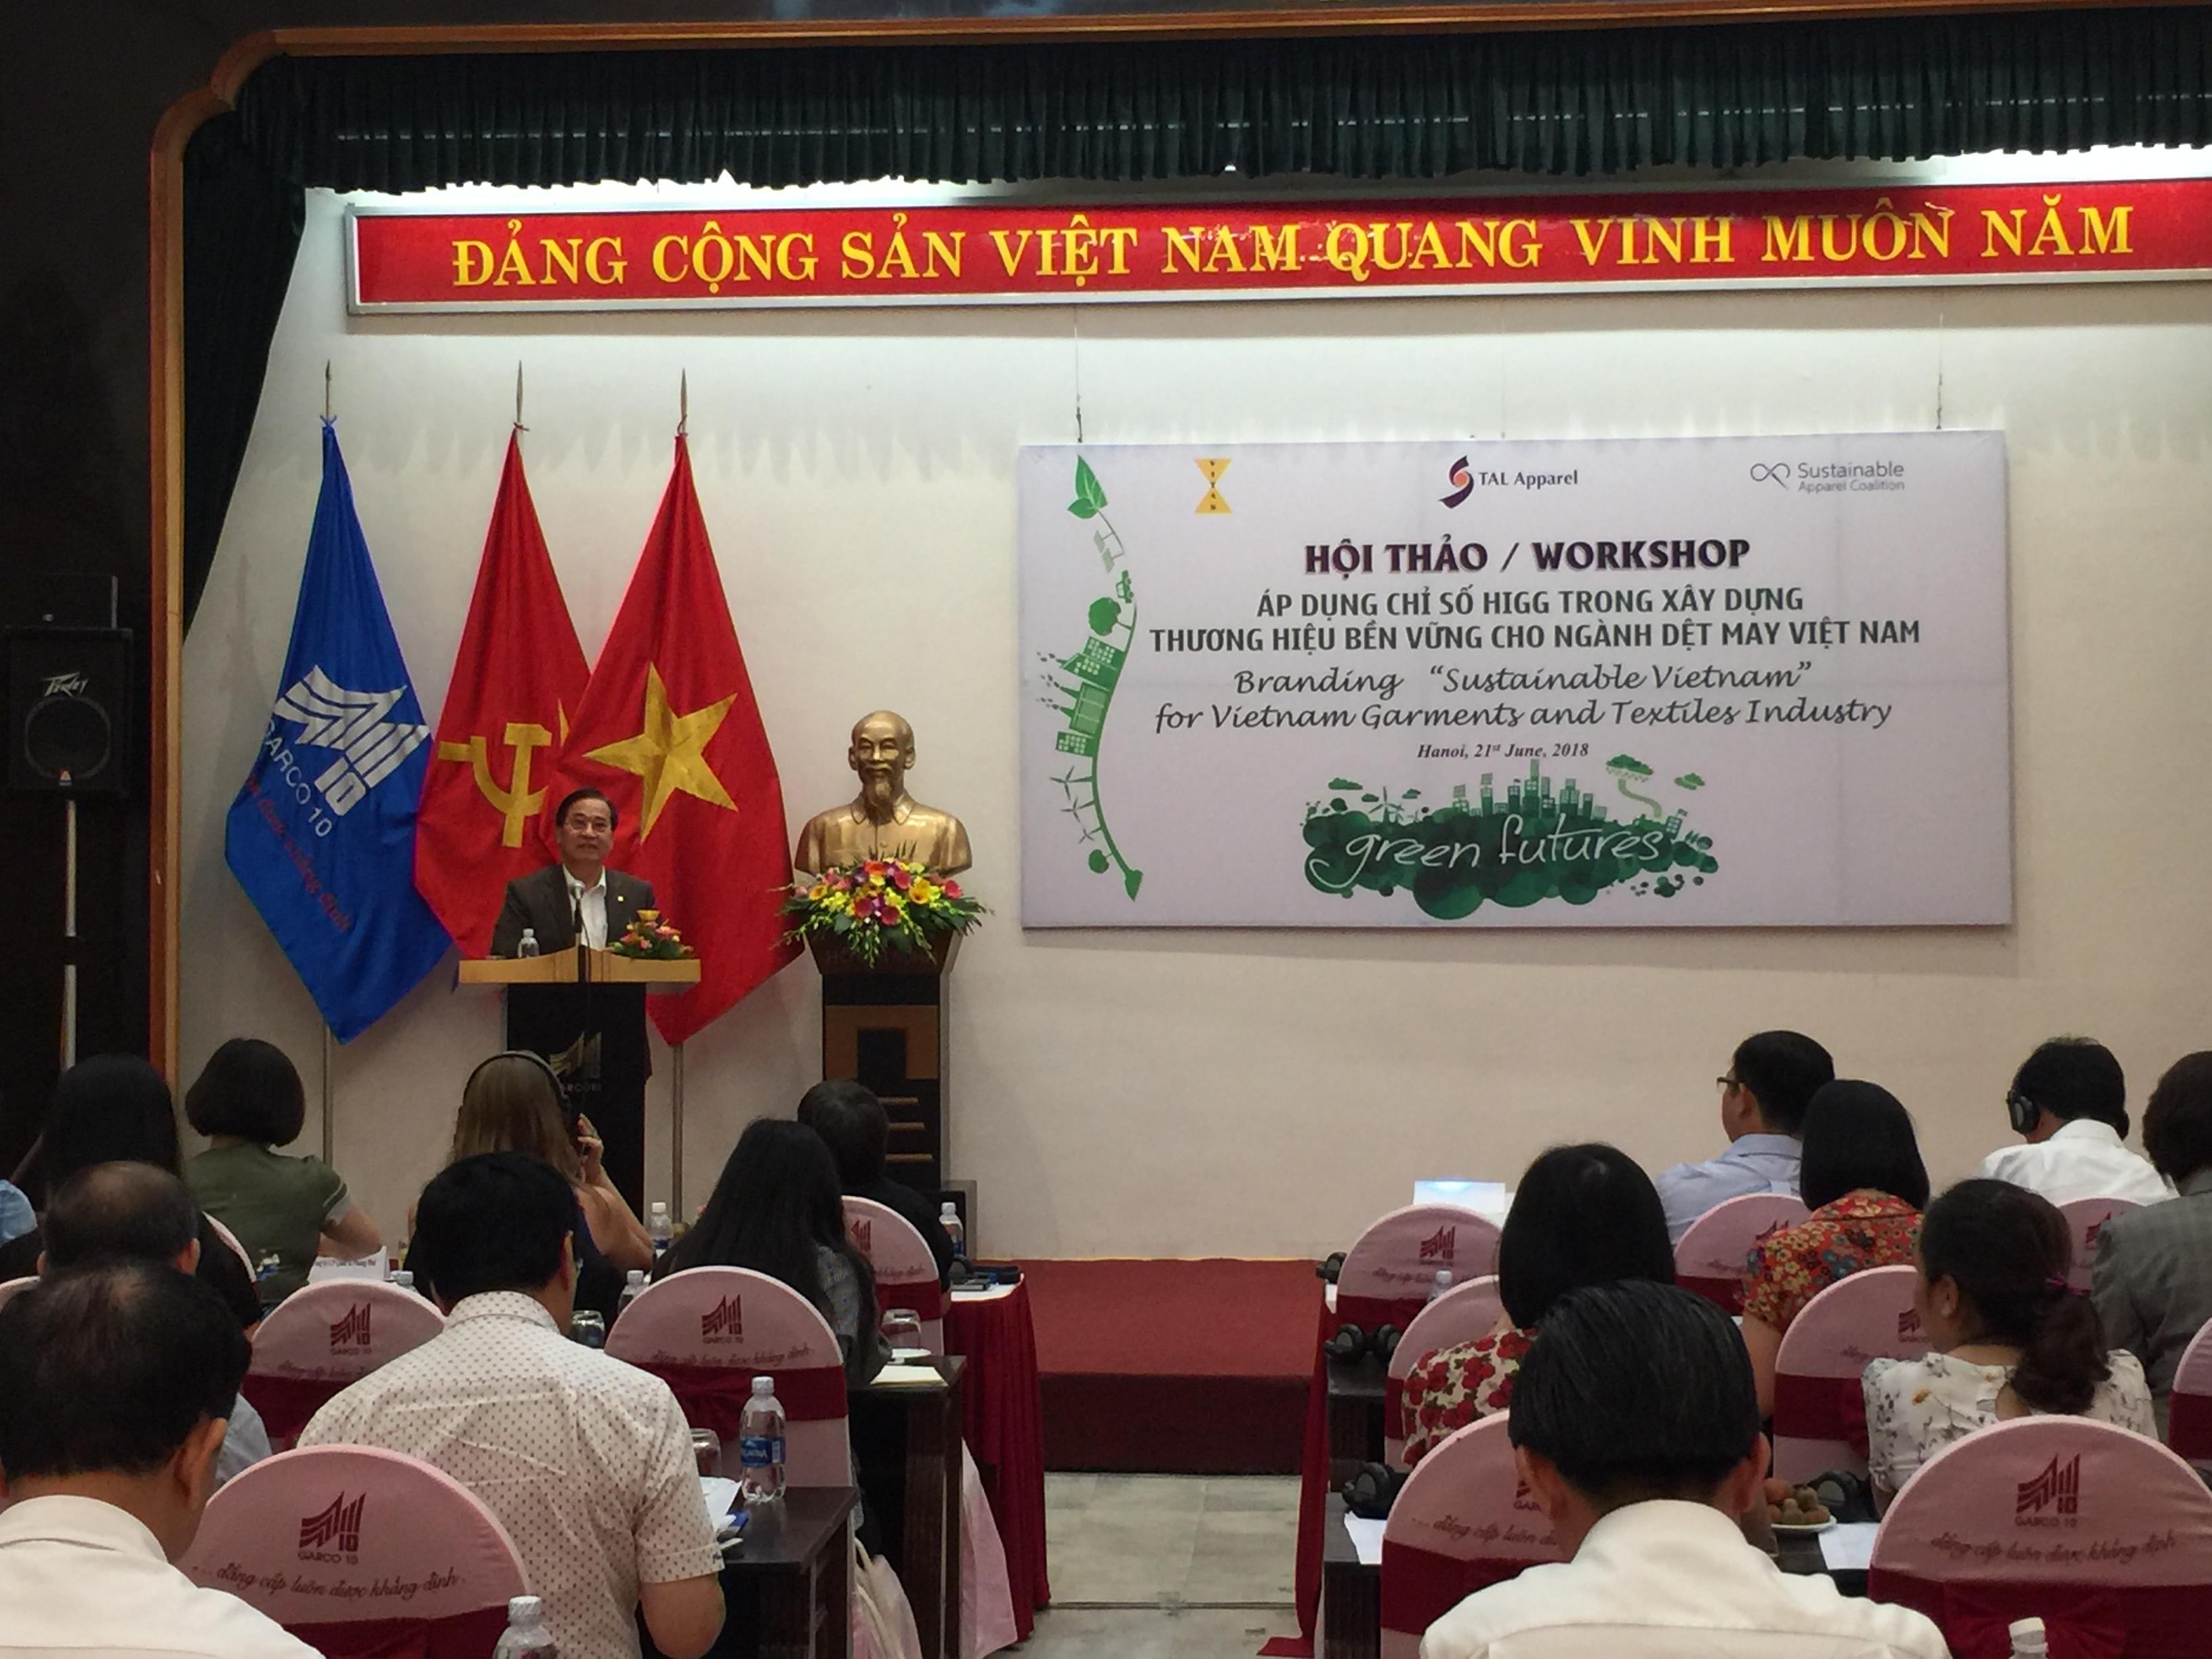 Áp dụng chỉ số HIGG trong xây dựng thương hiệu bền vững cho ngành dệt may Việt Nam